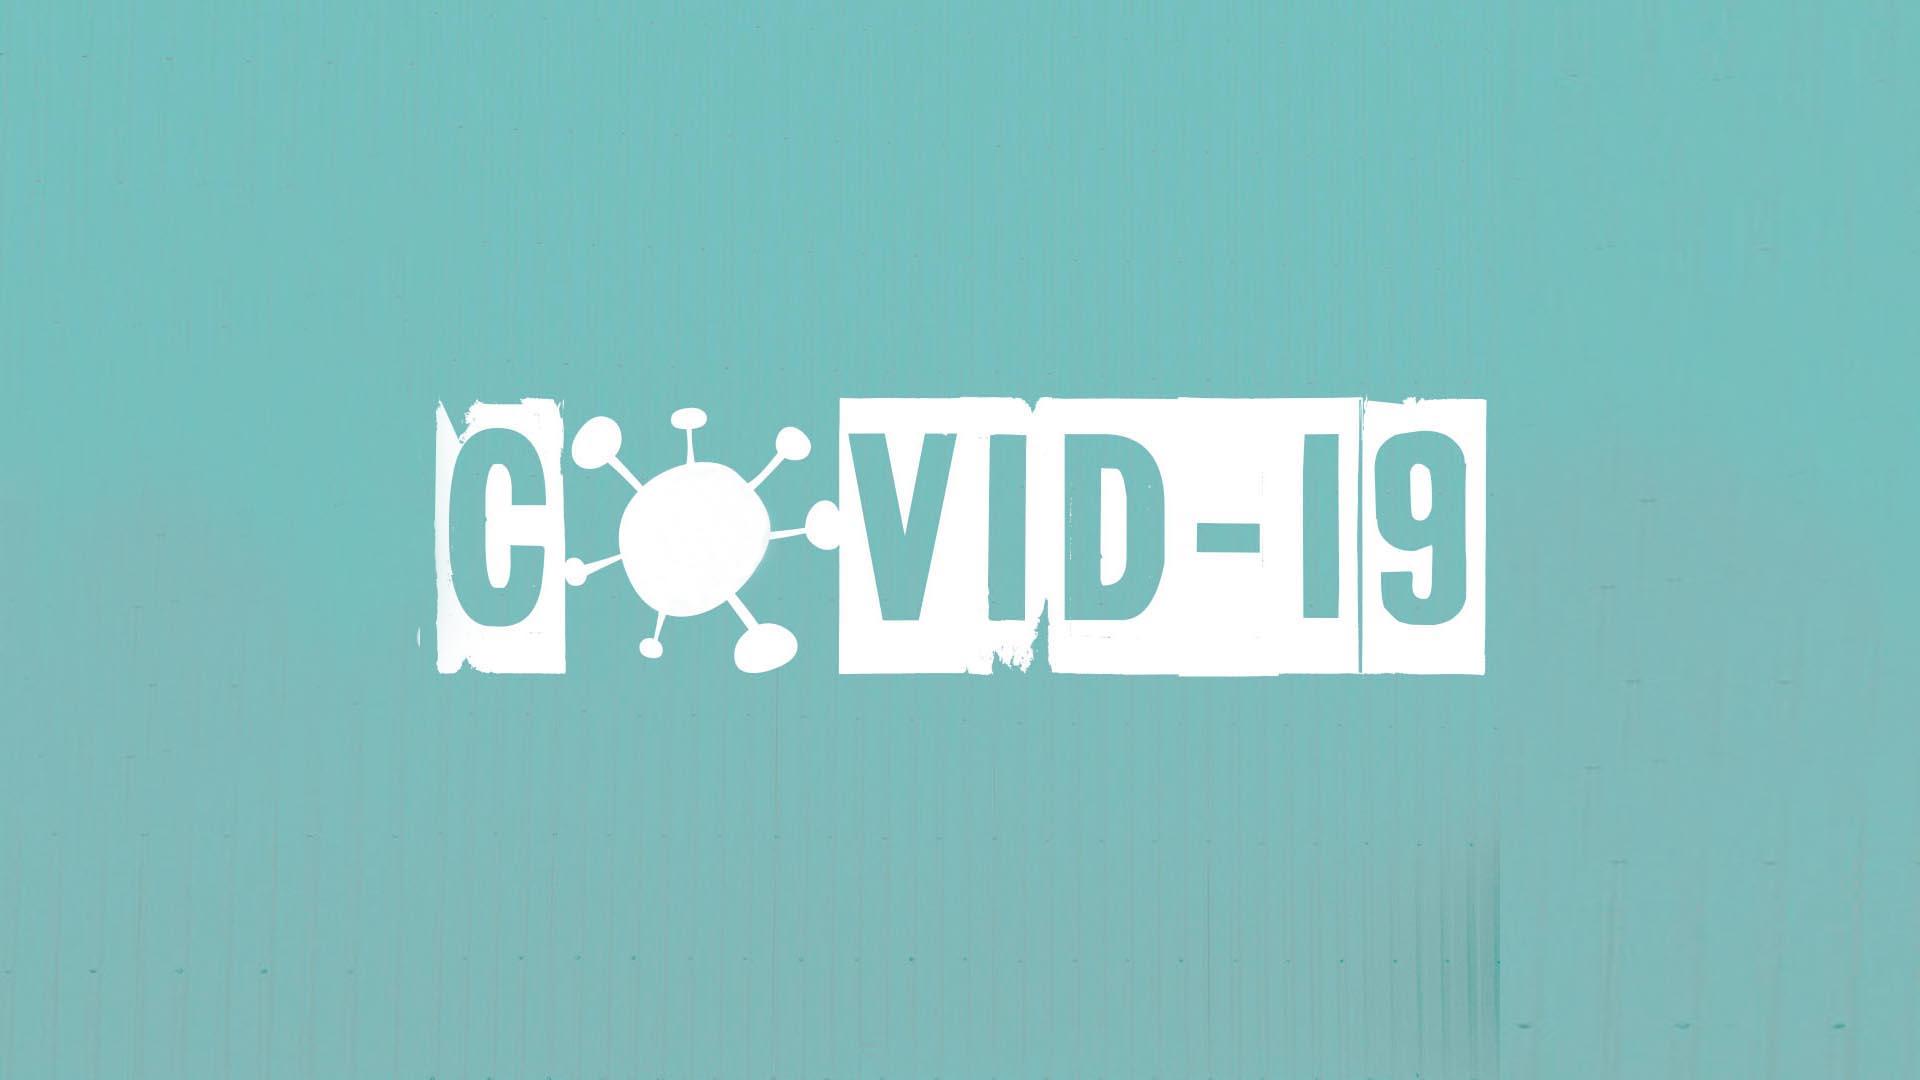 El delicado arte de nombrar enfermedades: a propósito de COVID-19, por Isaac Nahón Serfaty